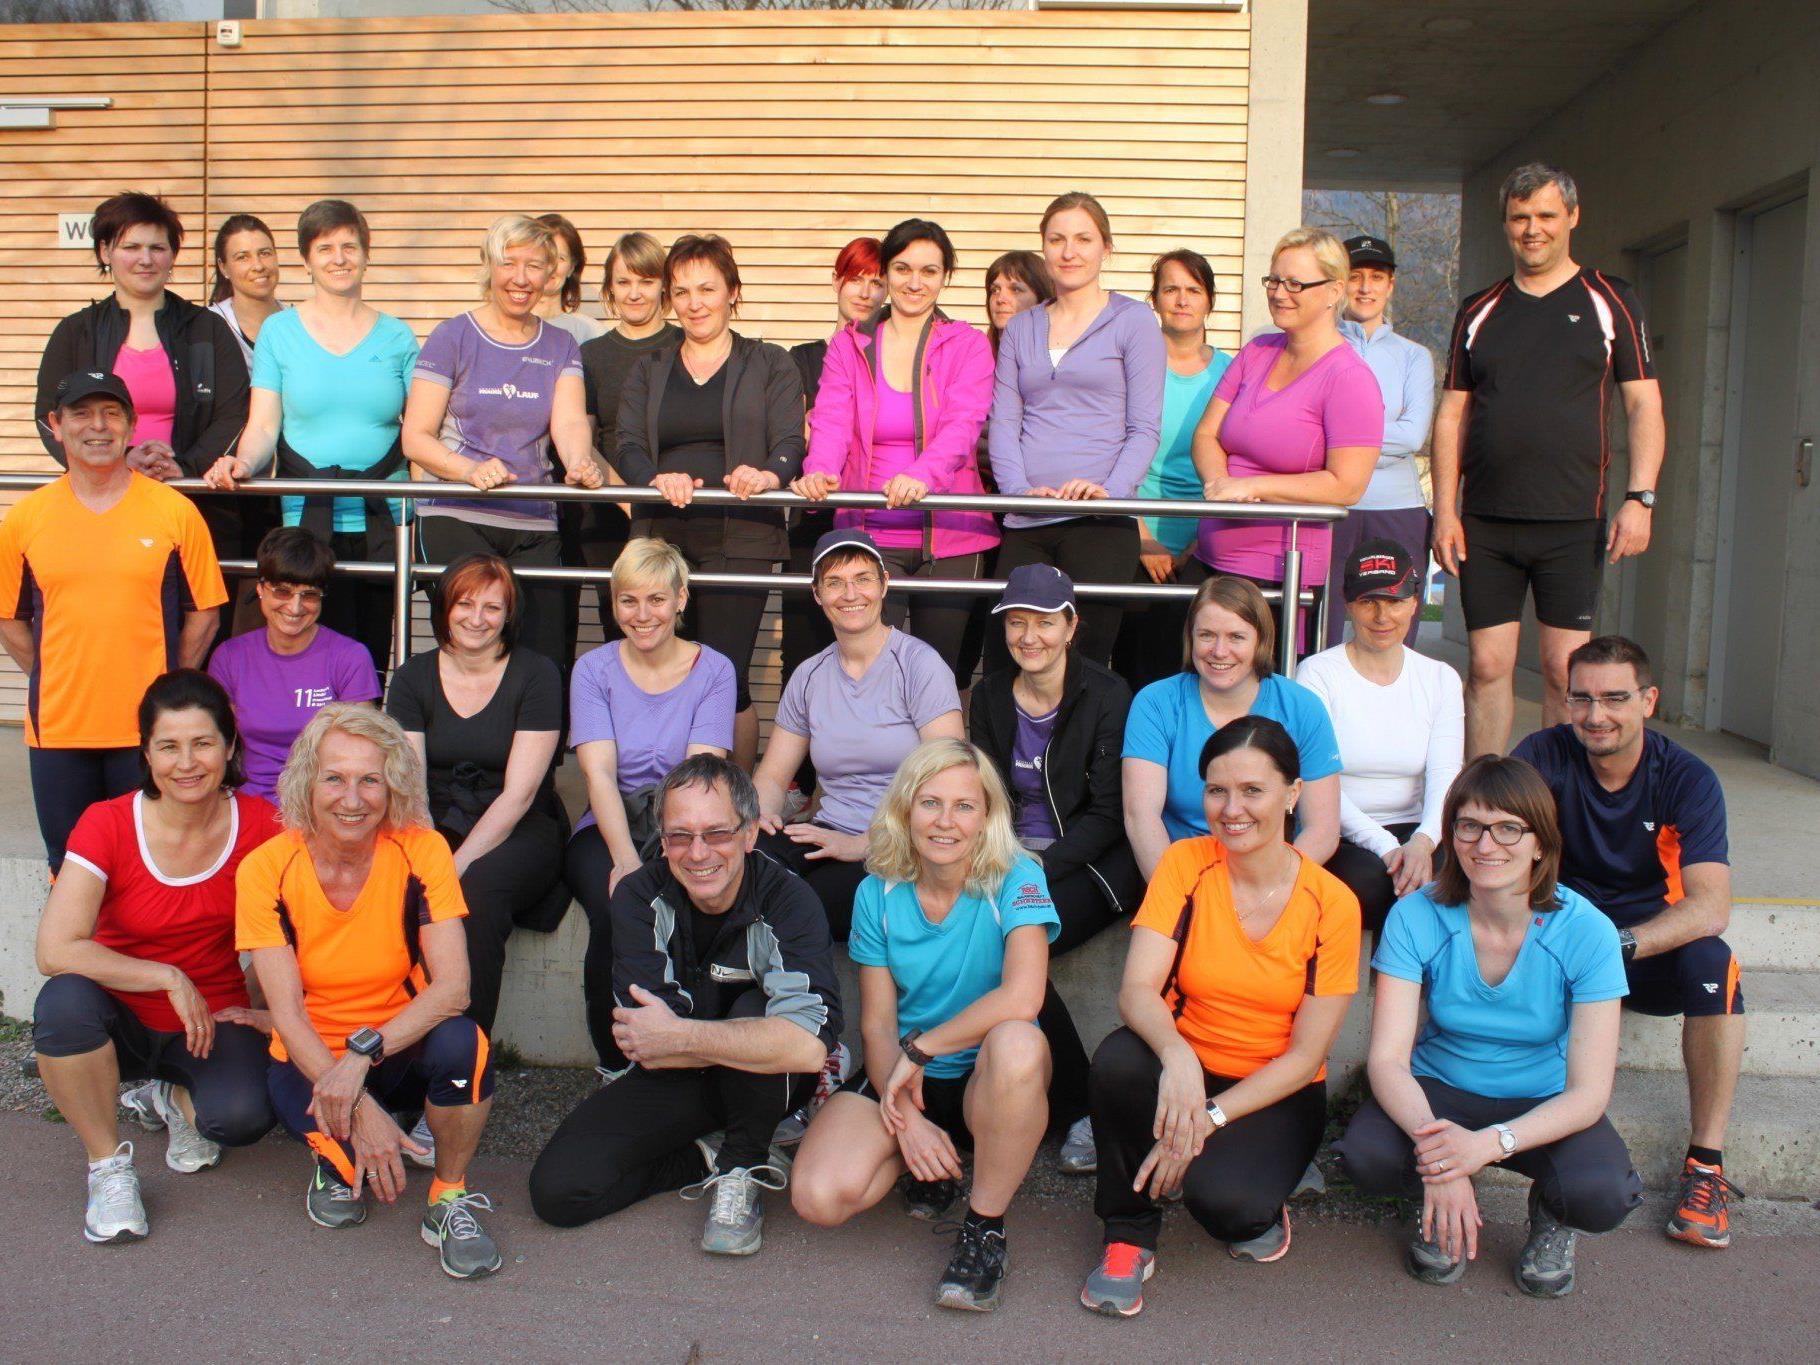 """Über 20 Läuferinnen der Laufgruppe """"LaufTreff Leiblachtal"""" sind beim diesjährigen Frauenlauf mit dabei."""